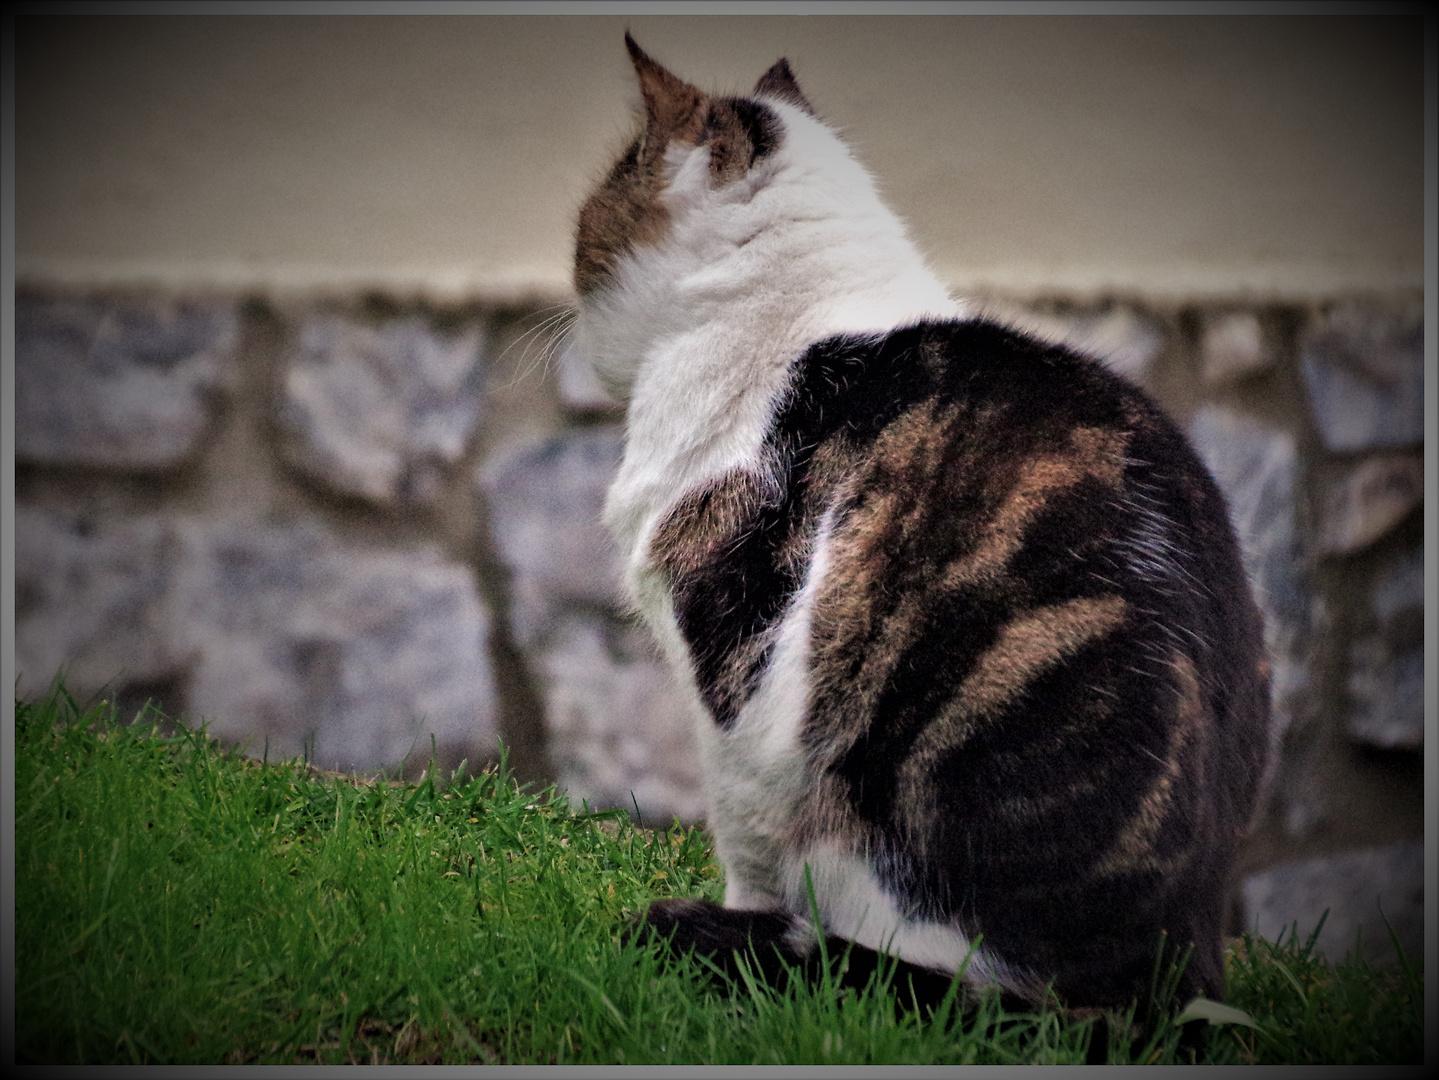 un chat  géant impassible .....